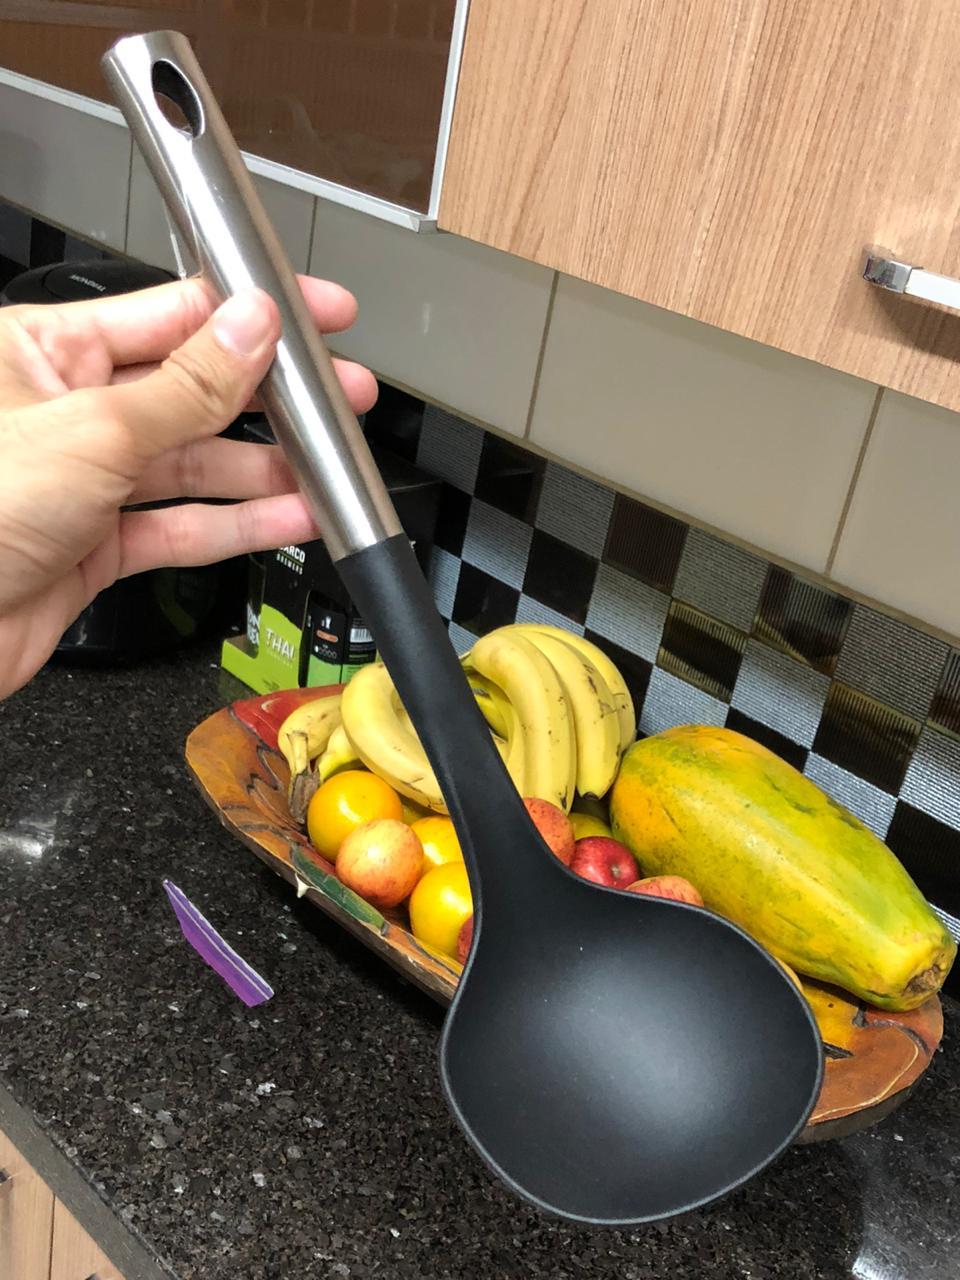 Concha de feijão em nylon aço inox preto 33 cm utensílio de cozinha